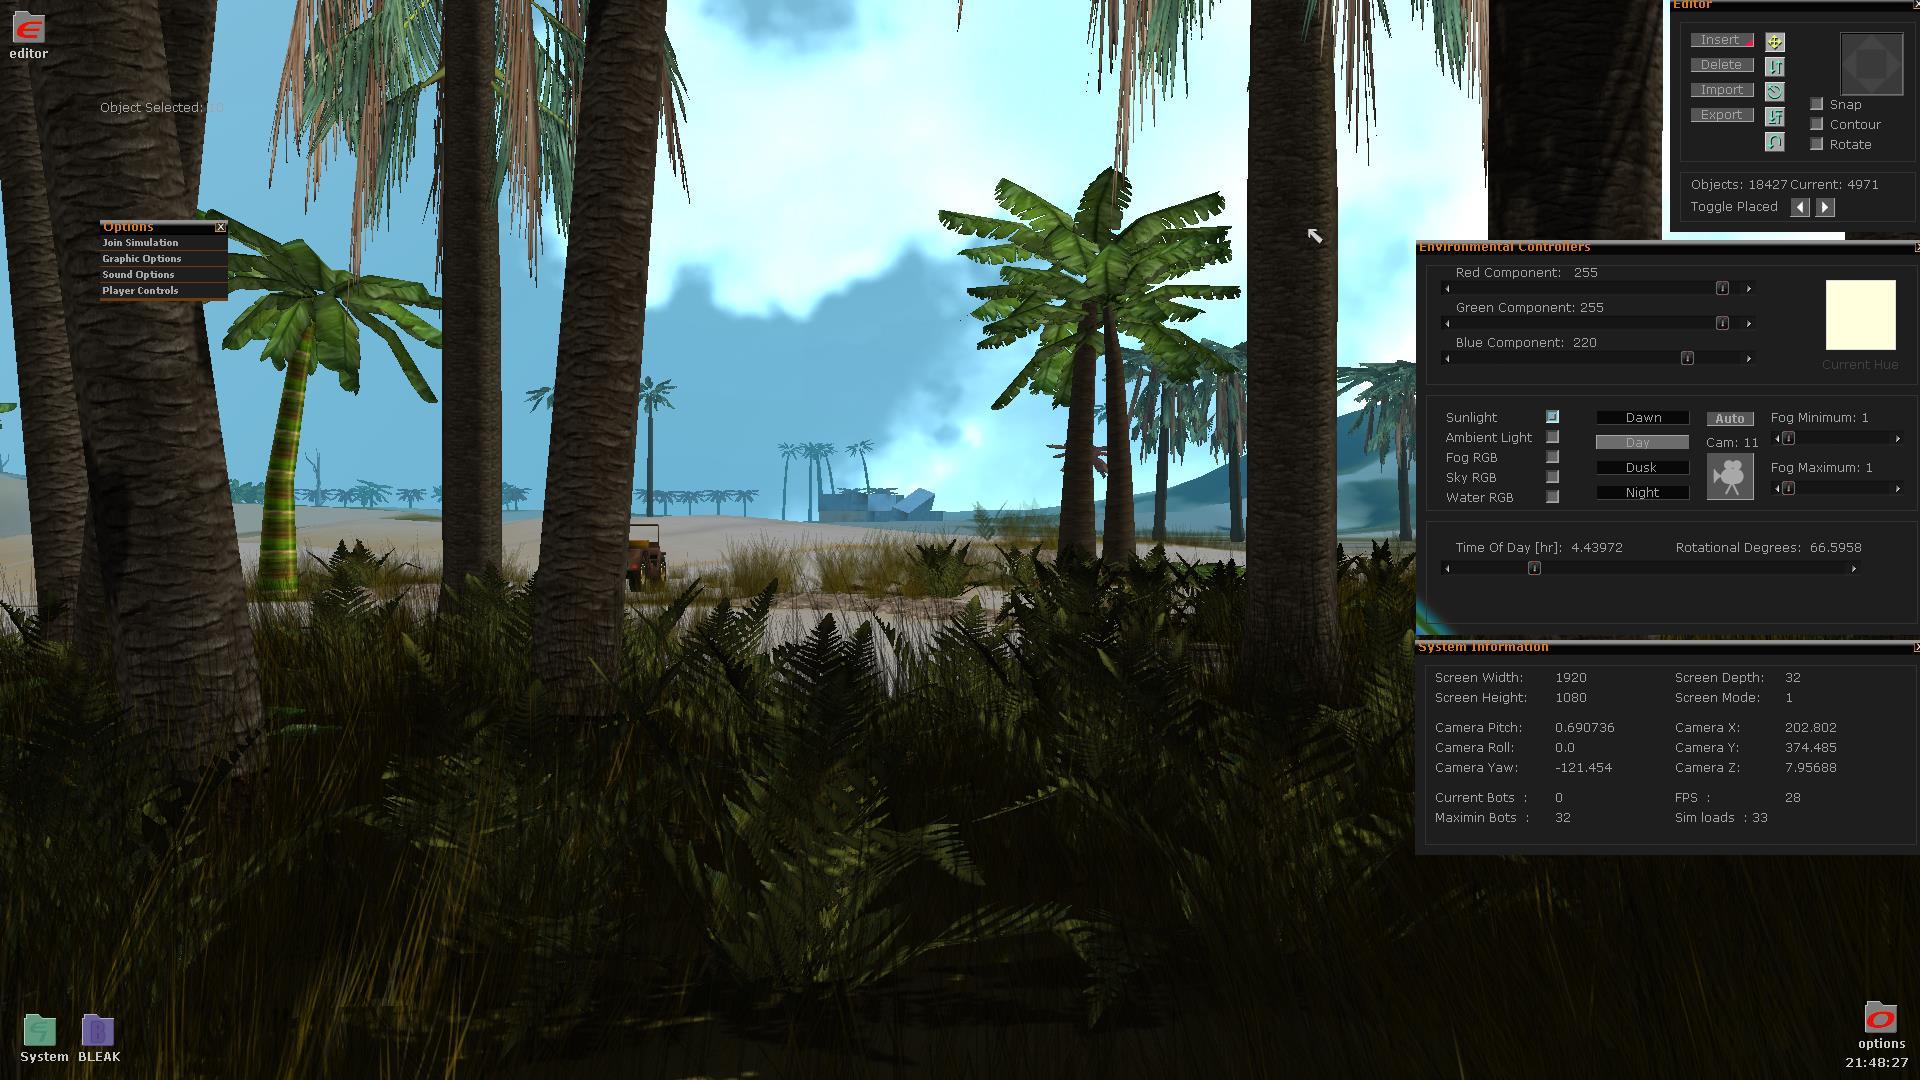 Bleak Editor - Blitz3D